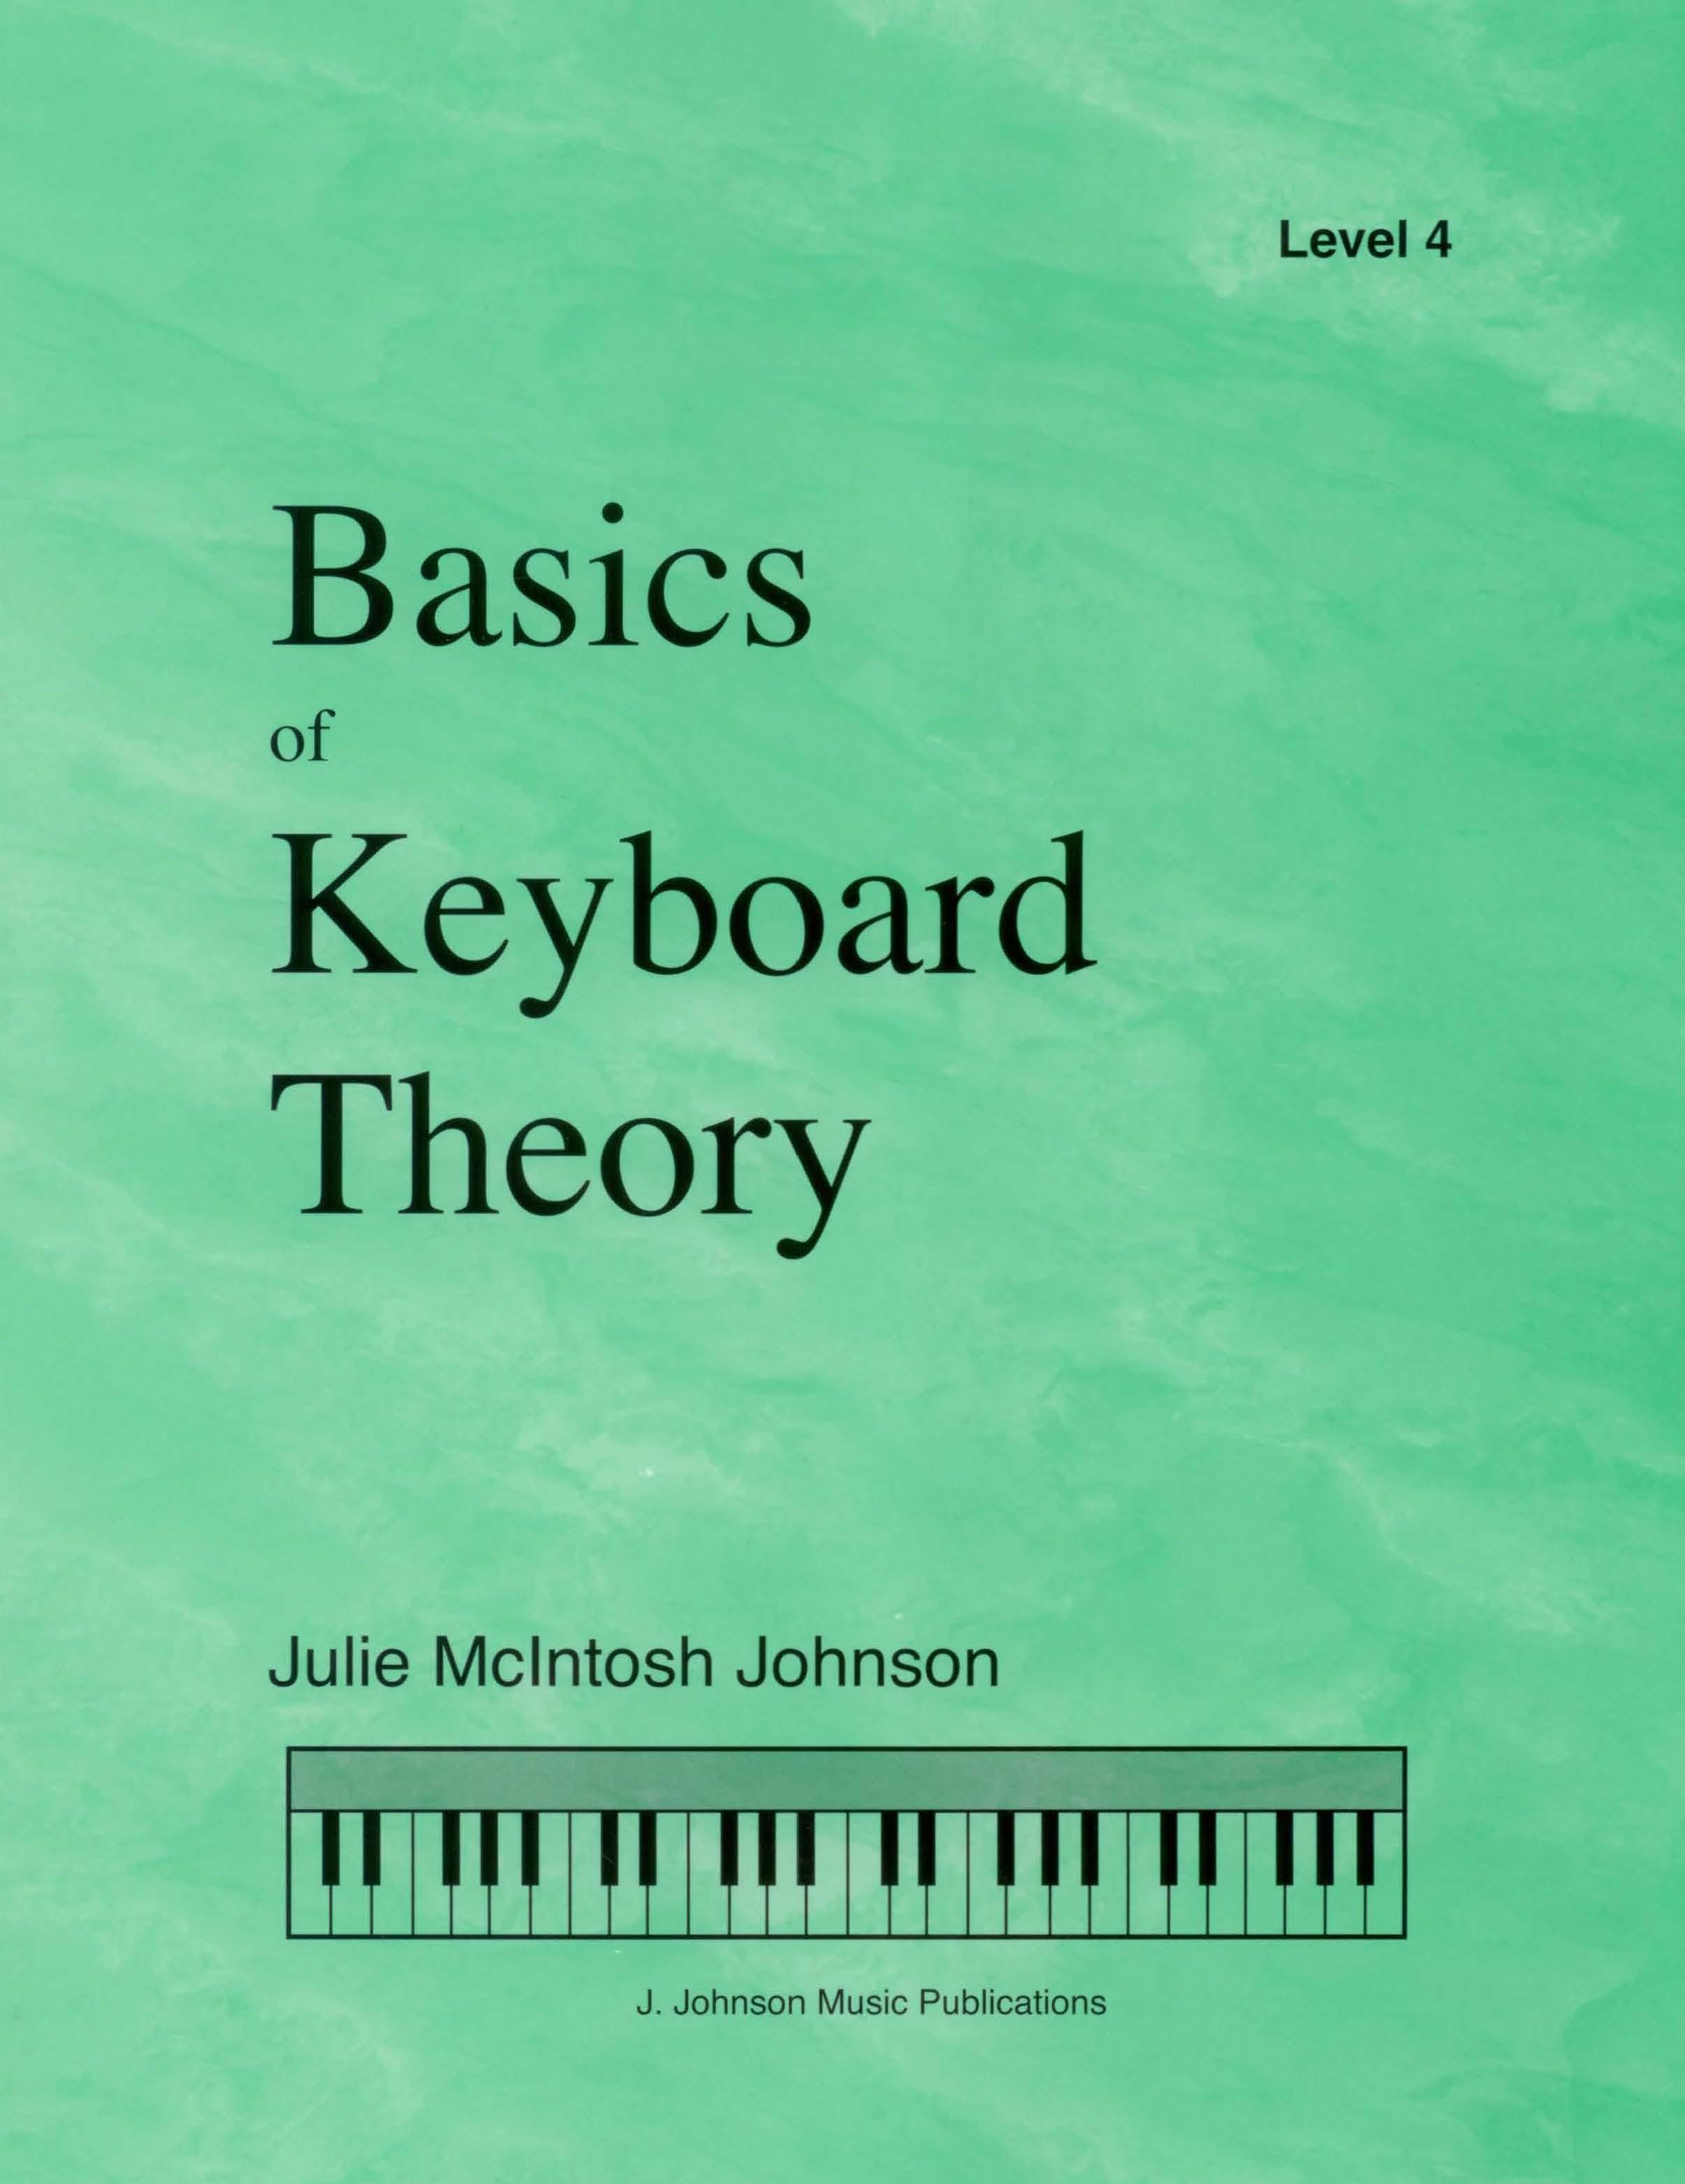 Basics of Keyboard Theory Level 4